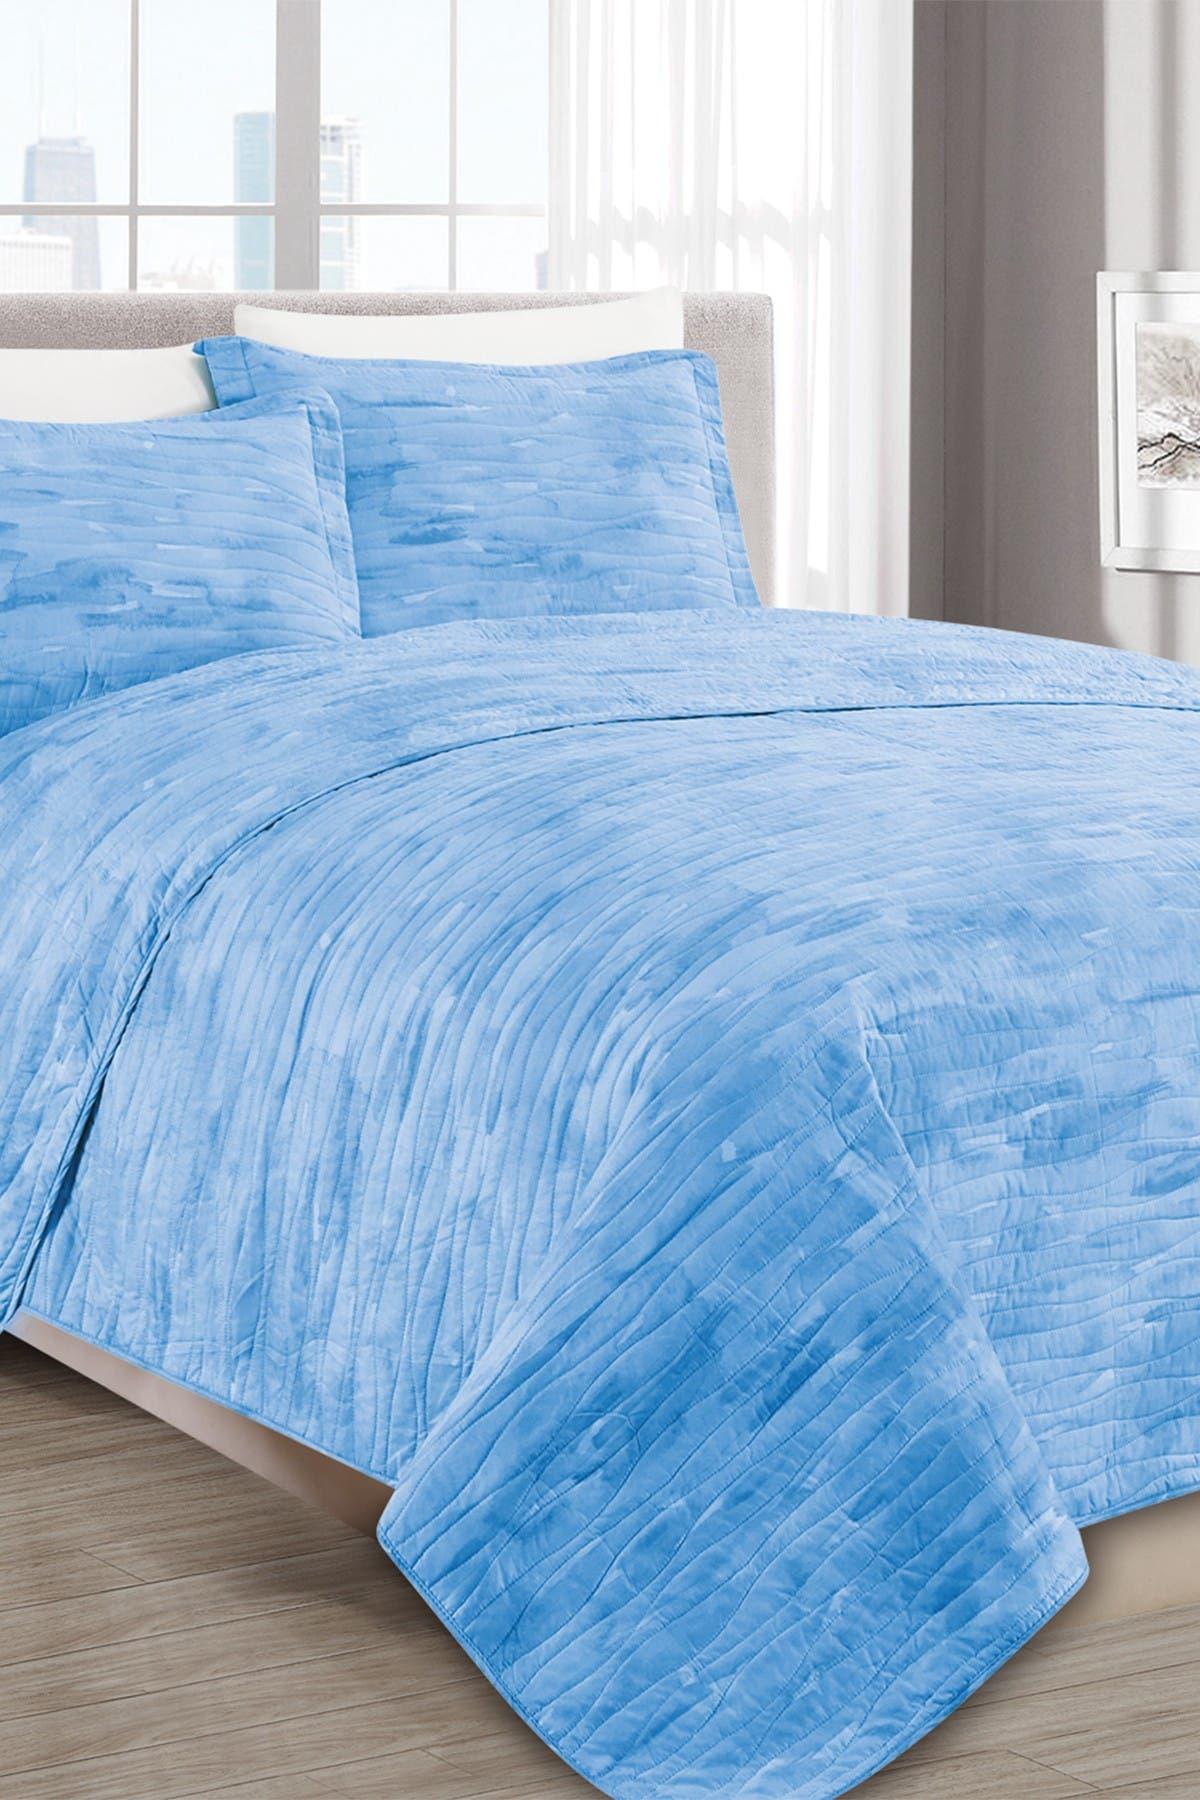 Image of Melange Home Sleepy Texture Quilt 3-Piece Set - Full/Queen